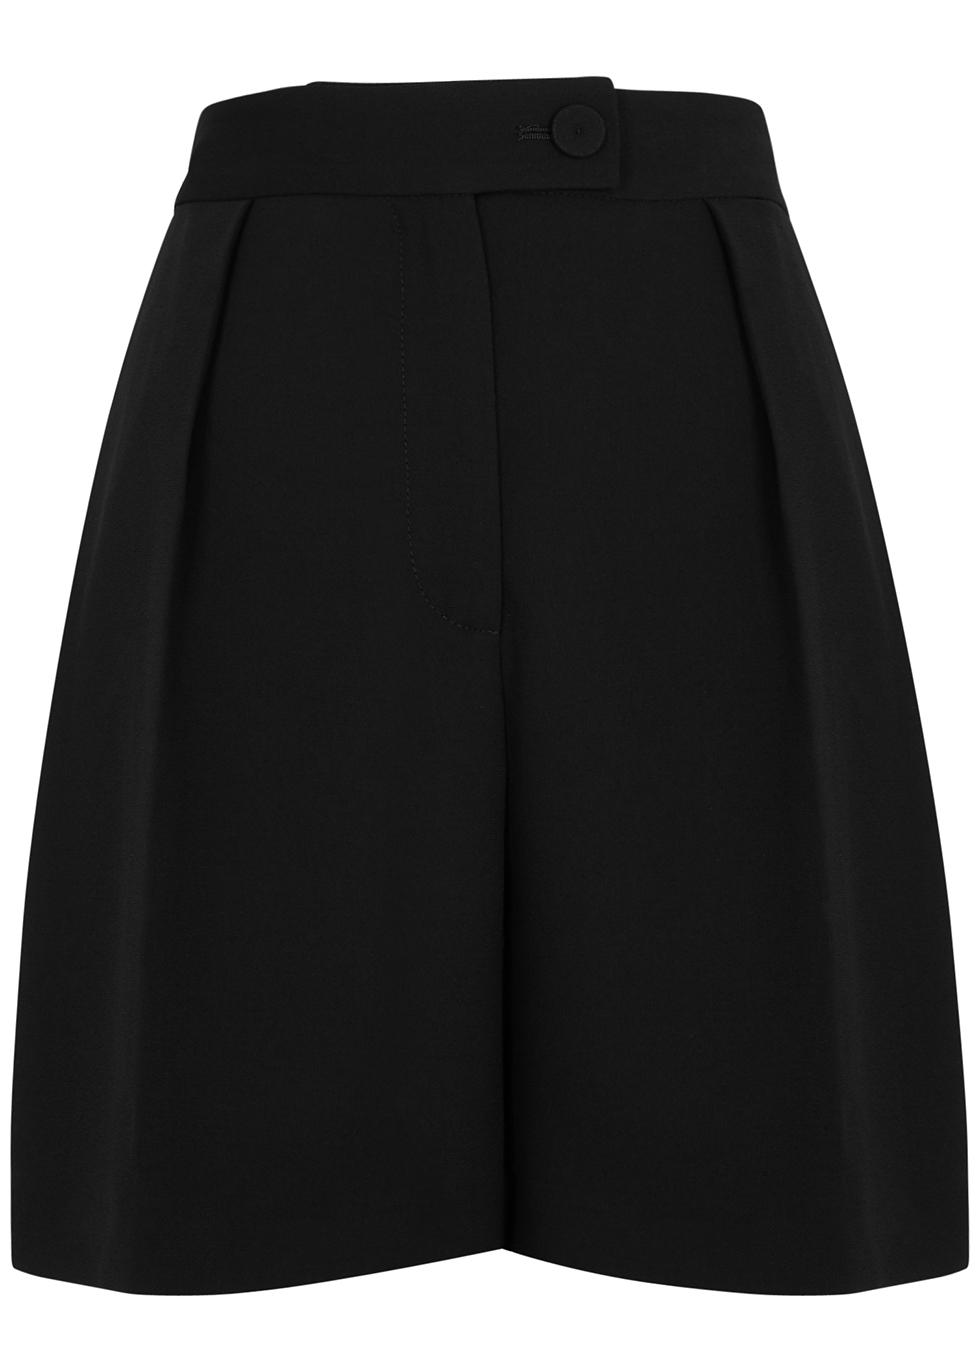 Phoebe black tailored shorts